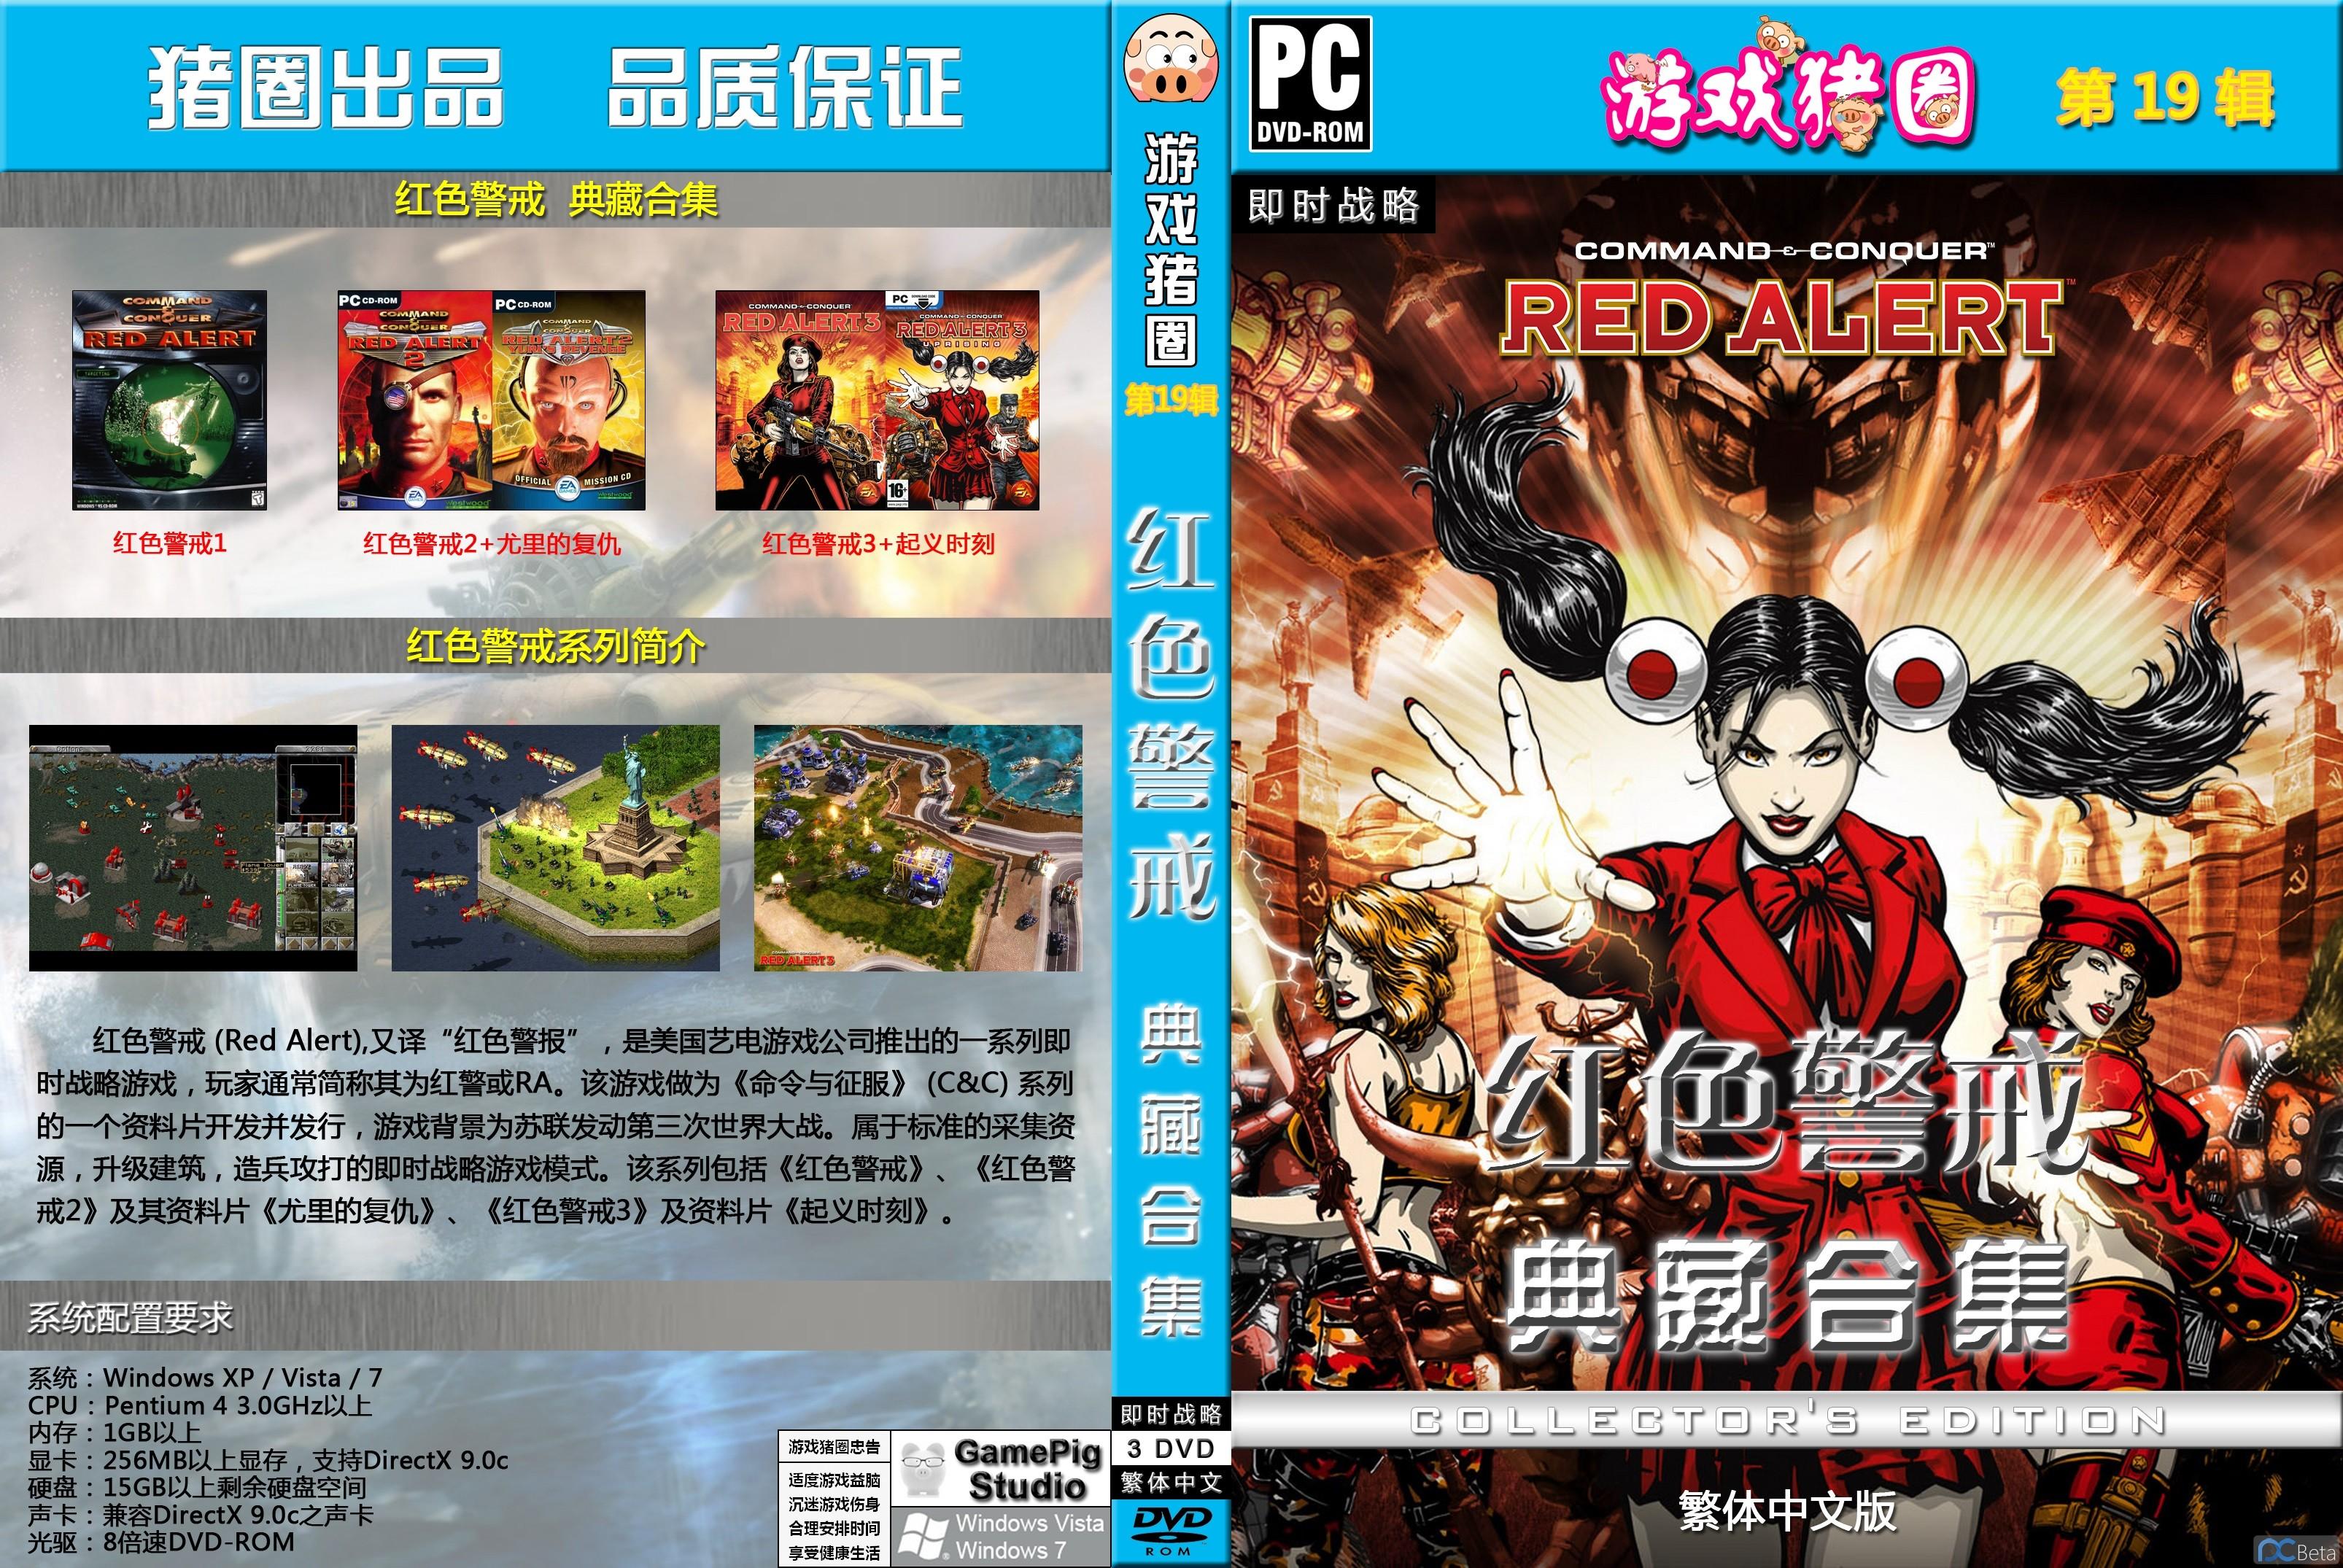 GamePig19Cover.jpg